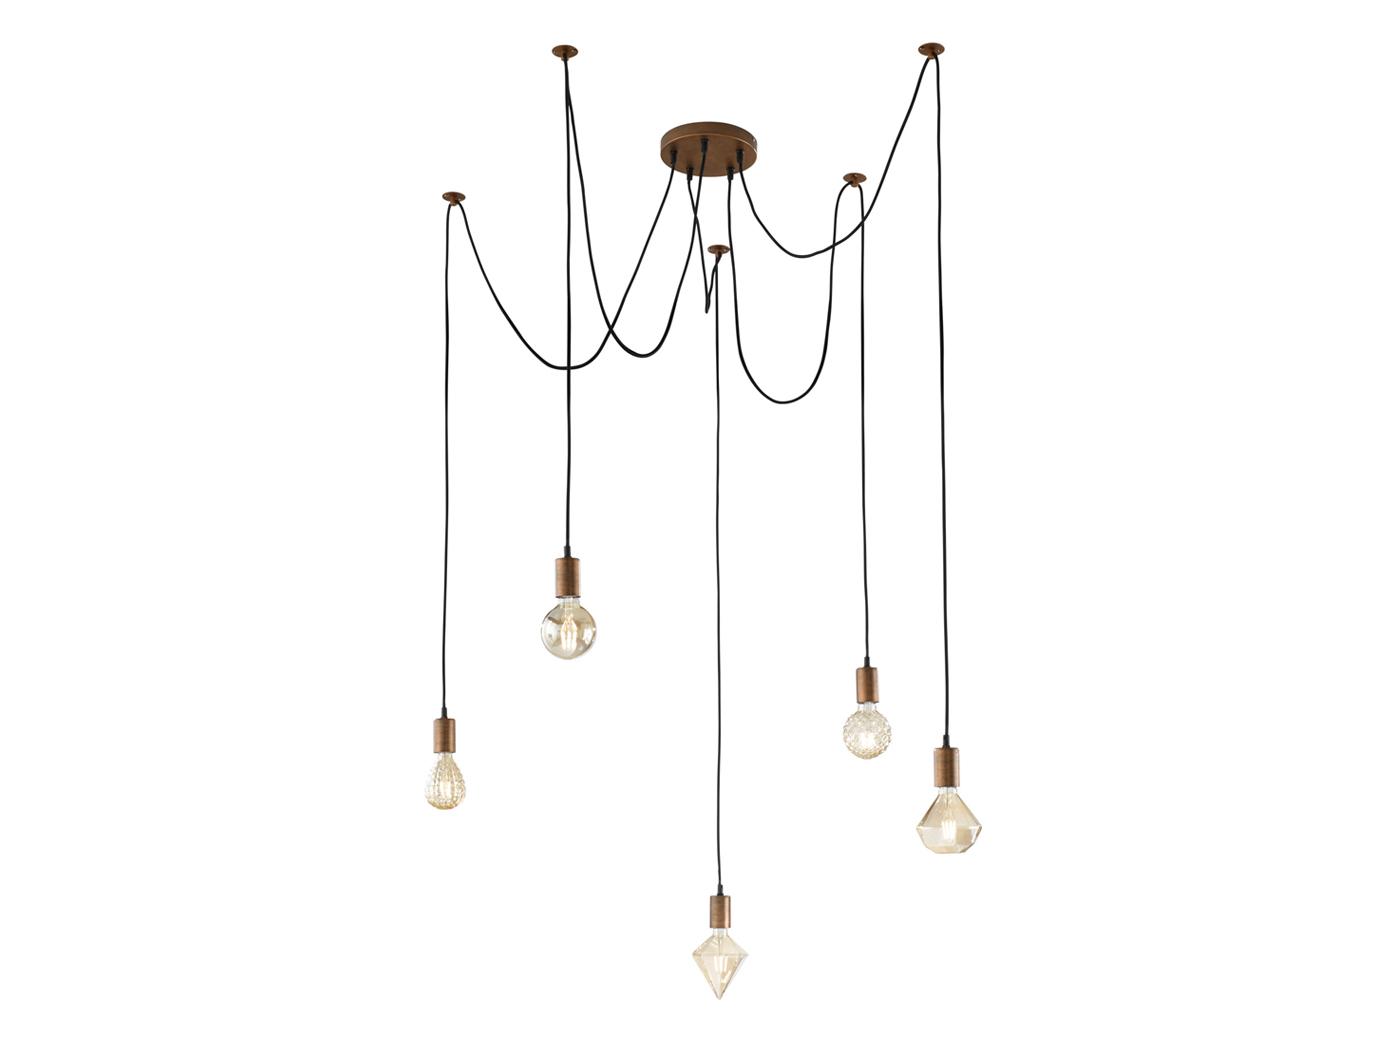 Minimal Affenschaukel Led Spinnenlampe Mit Mehreren Gluhbirnen Hangend An Schnur Kaufen Bei Setpoint Deutschland Gmbh